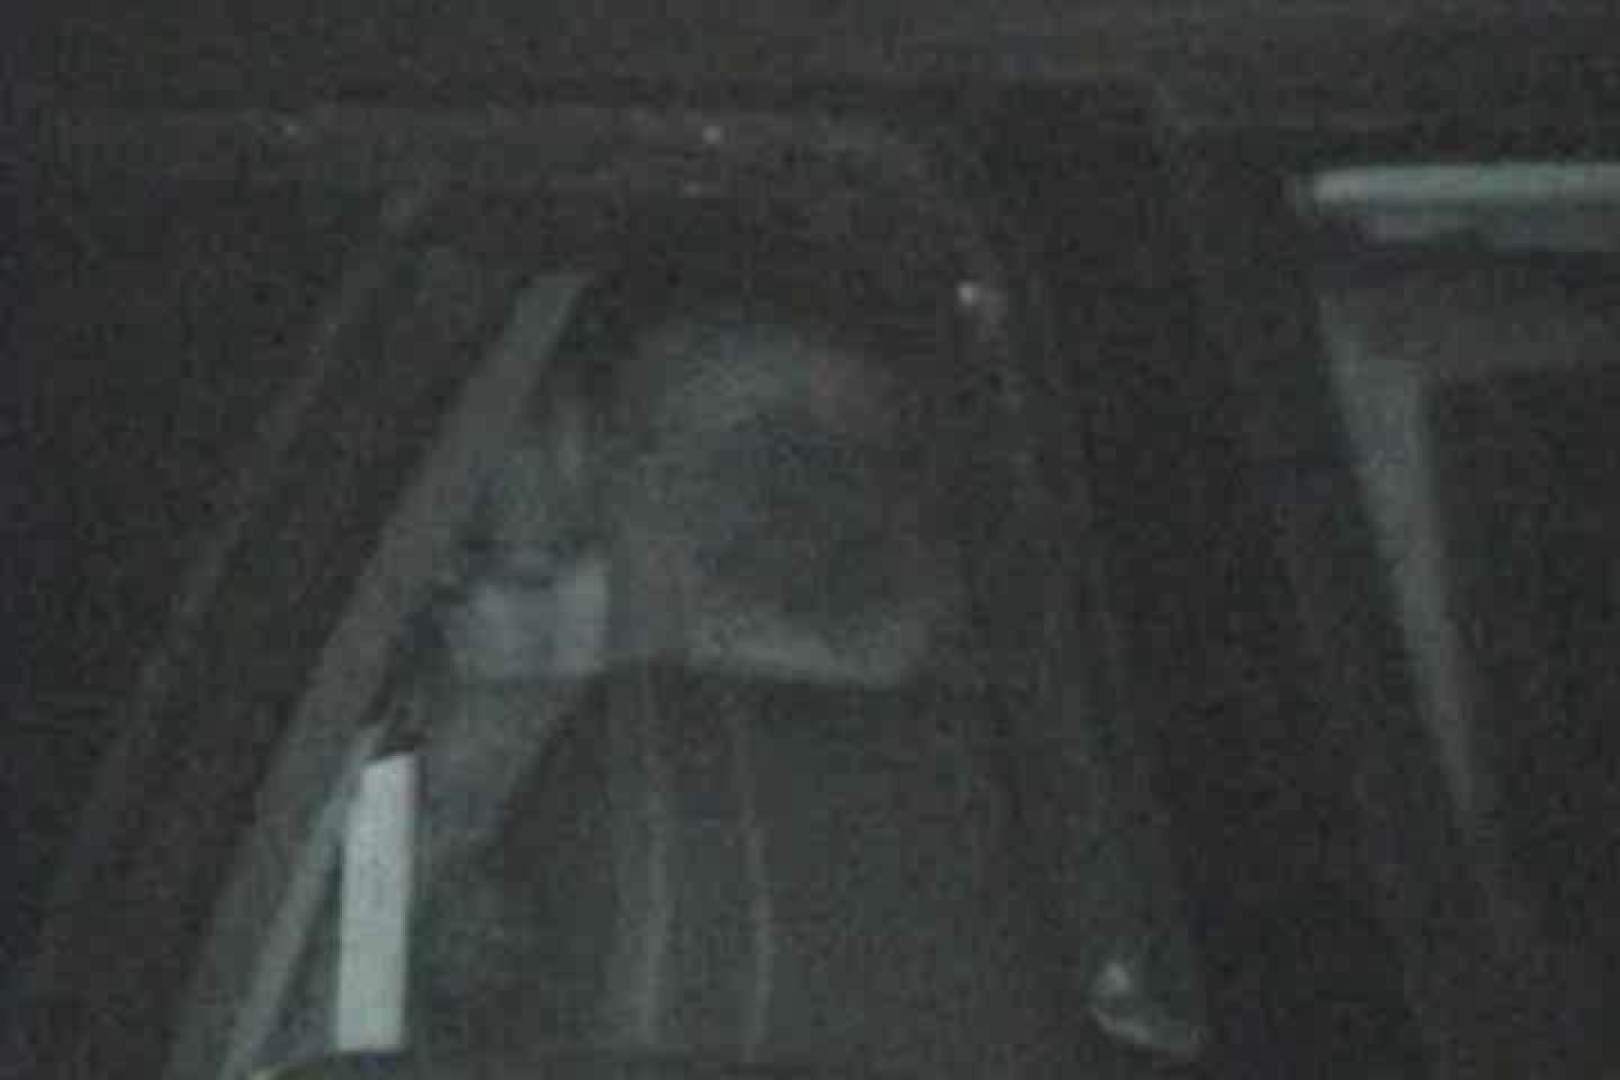 蔵出し!!赤外線カーセックスVol.26 美しいOLの裸体 オマンコ動画キャプチャ 99pic 90